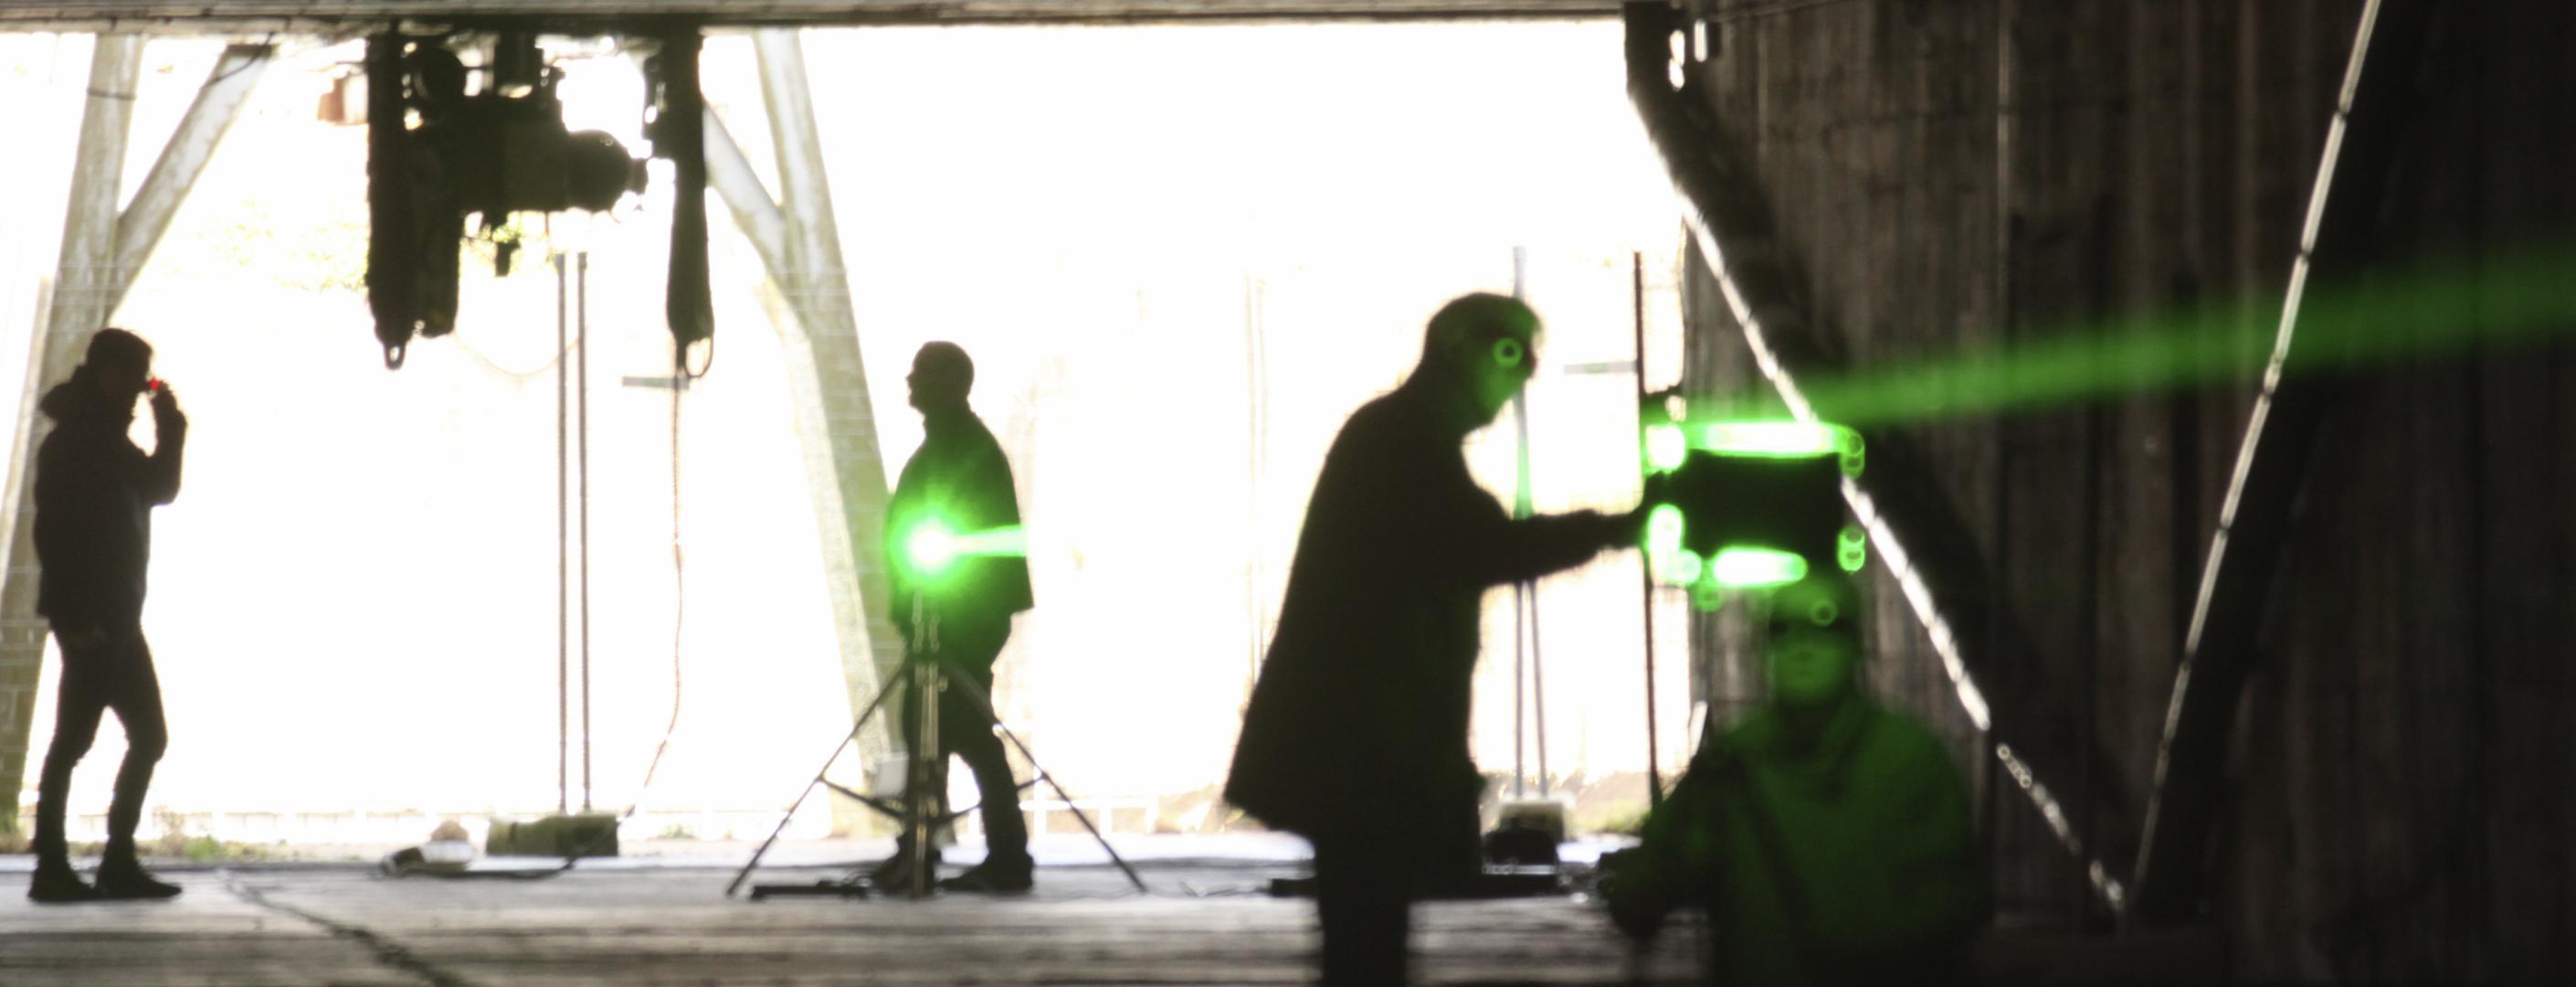 Exemple de projet: Eblouisseur laser pour la sécurité et l'effarouchement